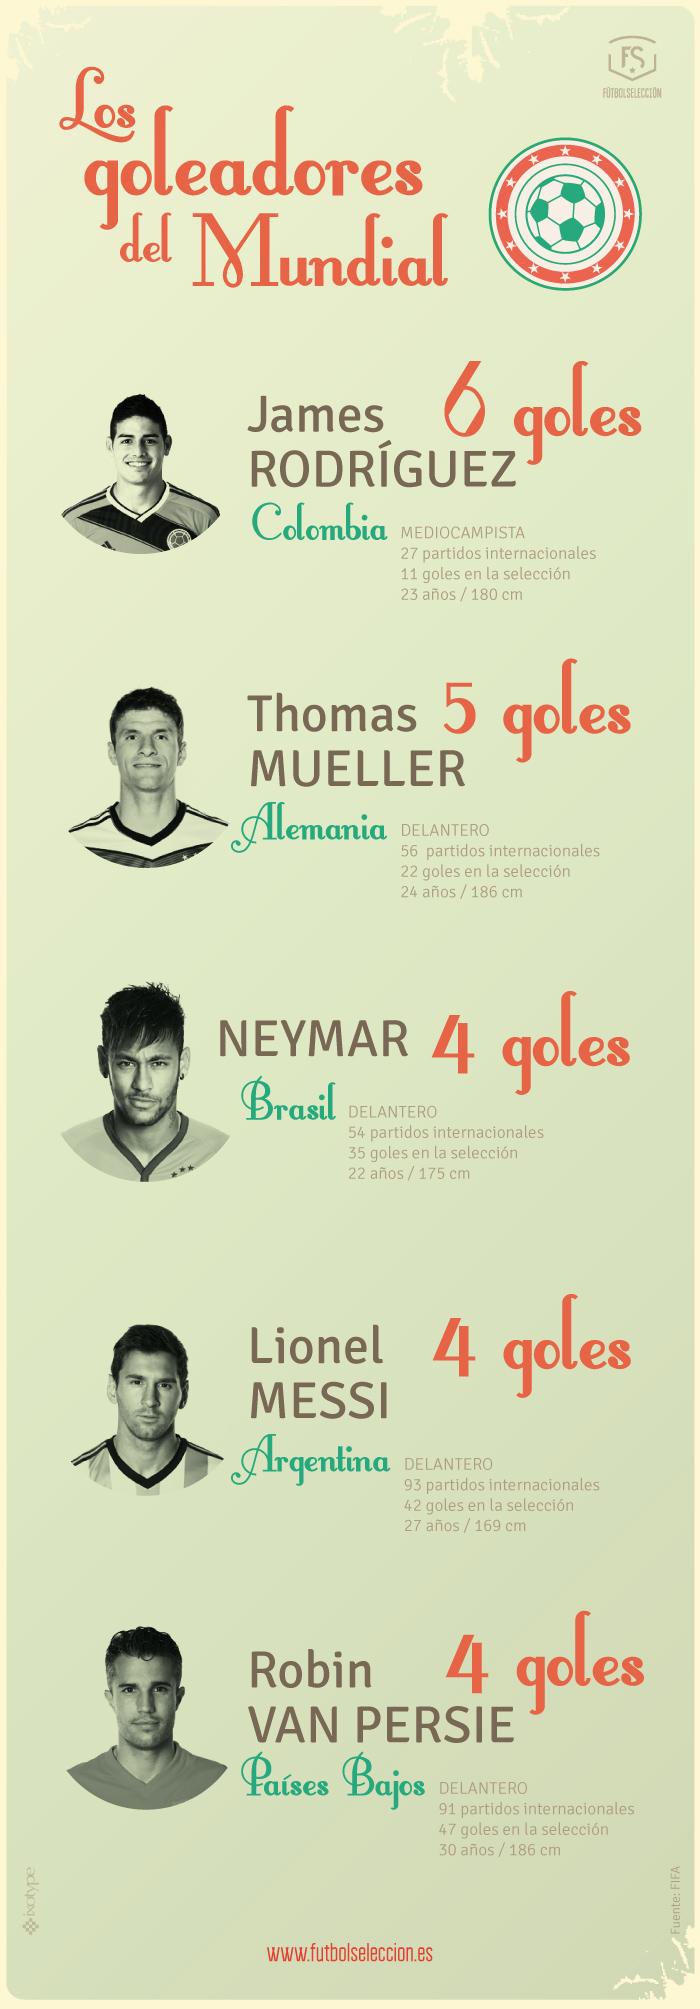 Goleadores Mundial